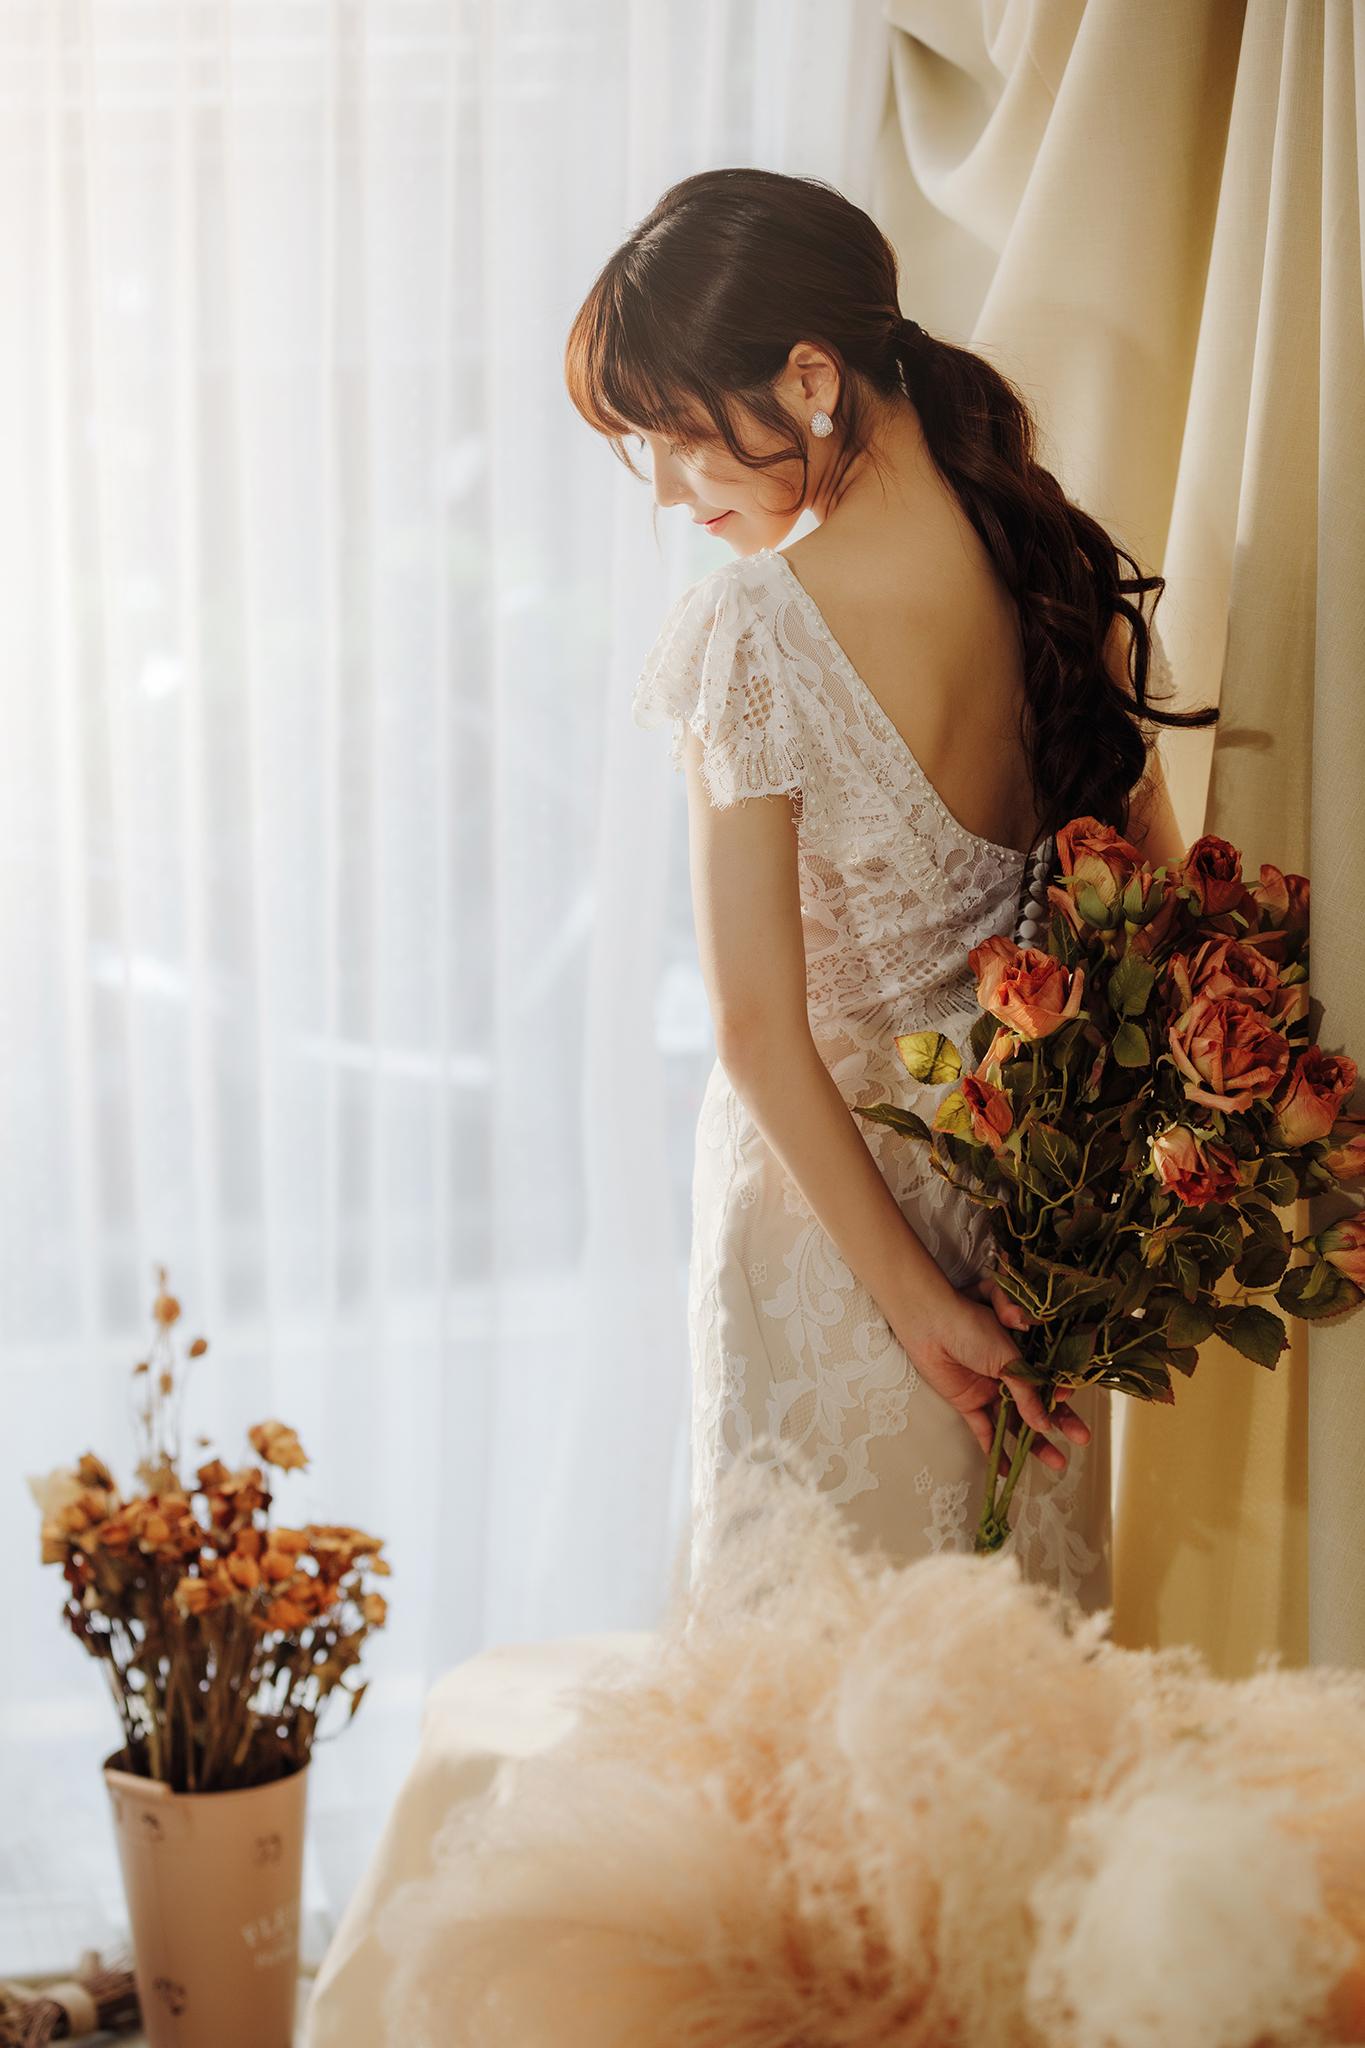 48956973601 af81fea4c0 o - 【自主婚紗】+Yu+